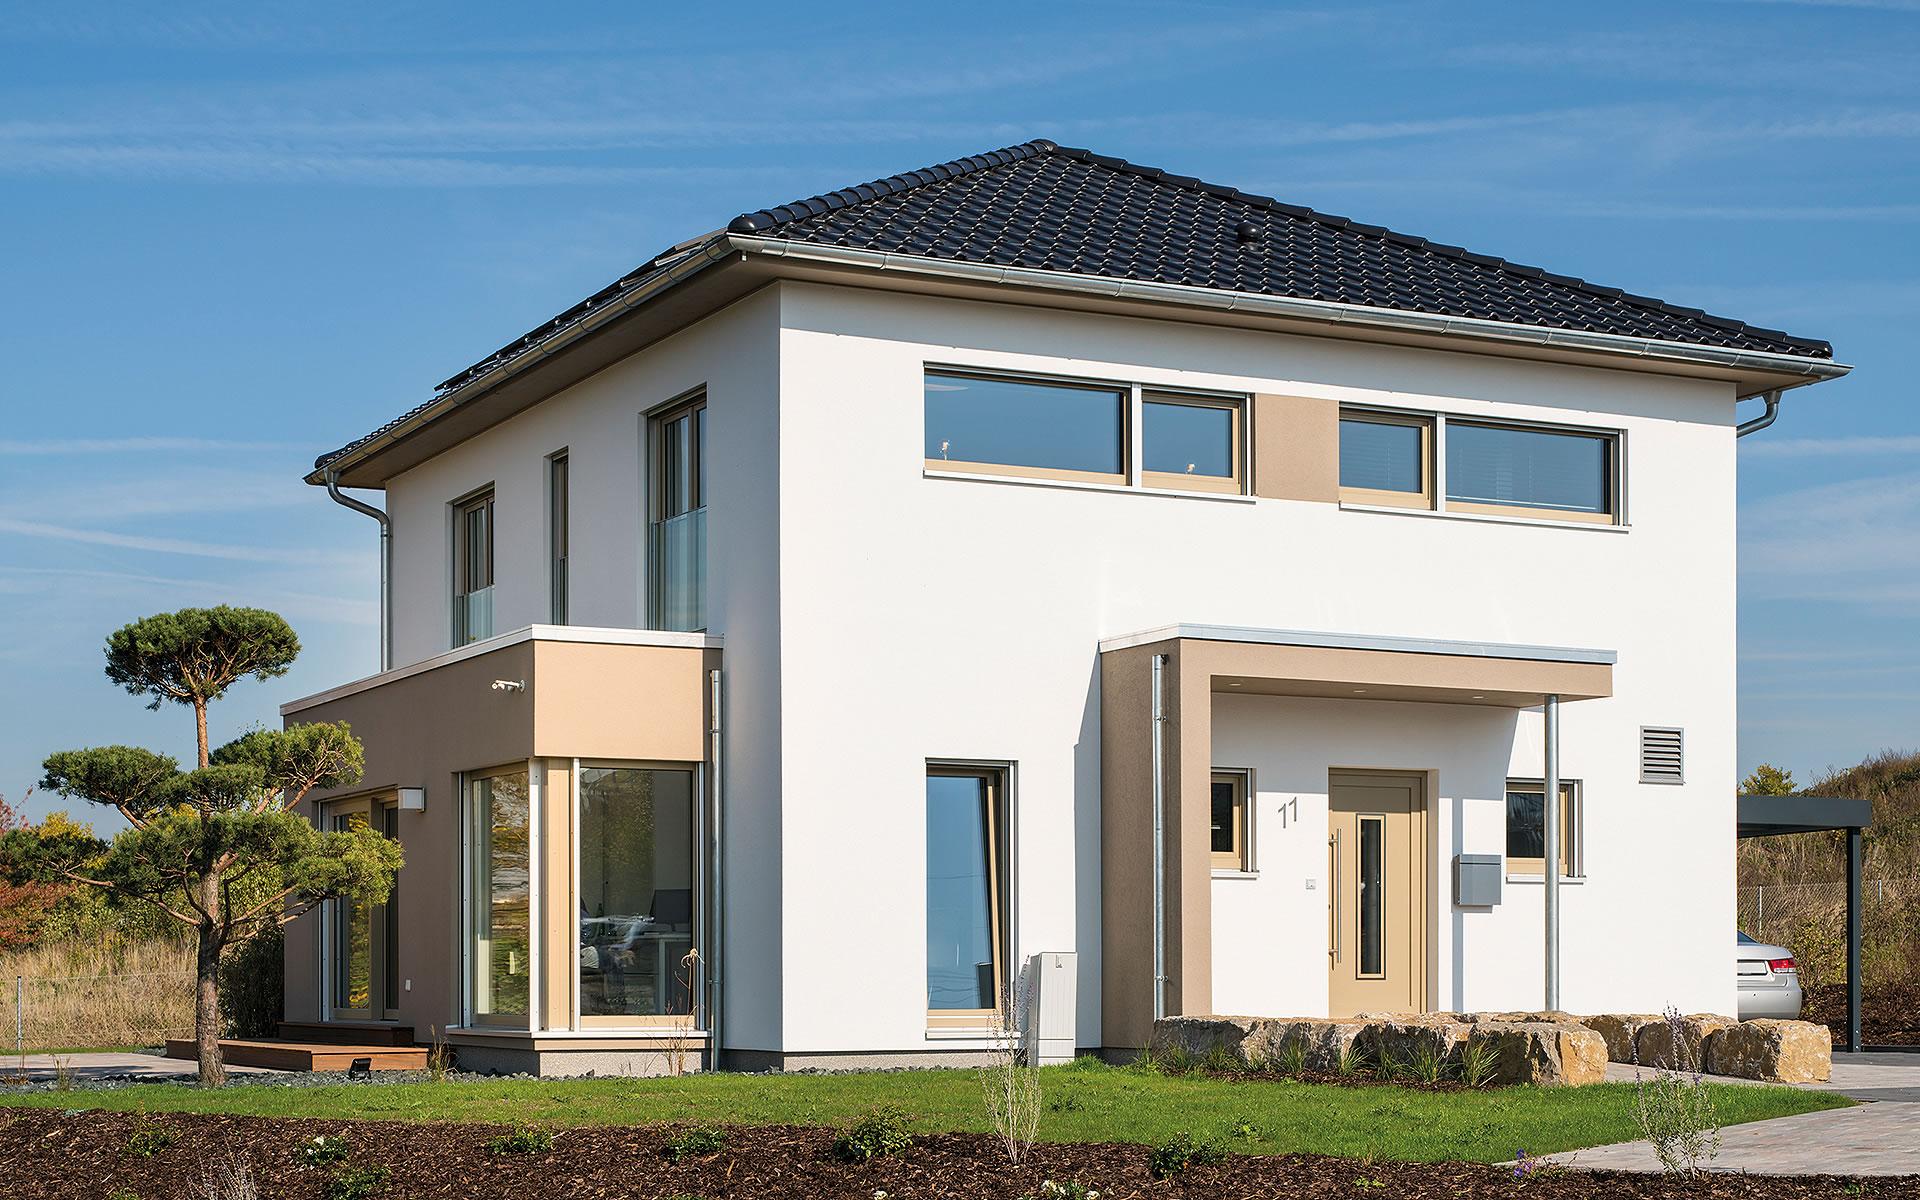 MEDLEY 3.0 - MH Kassel von FingerHaus GmbH